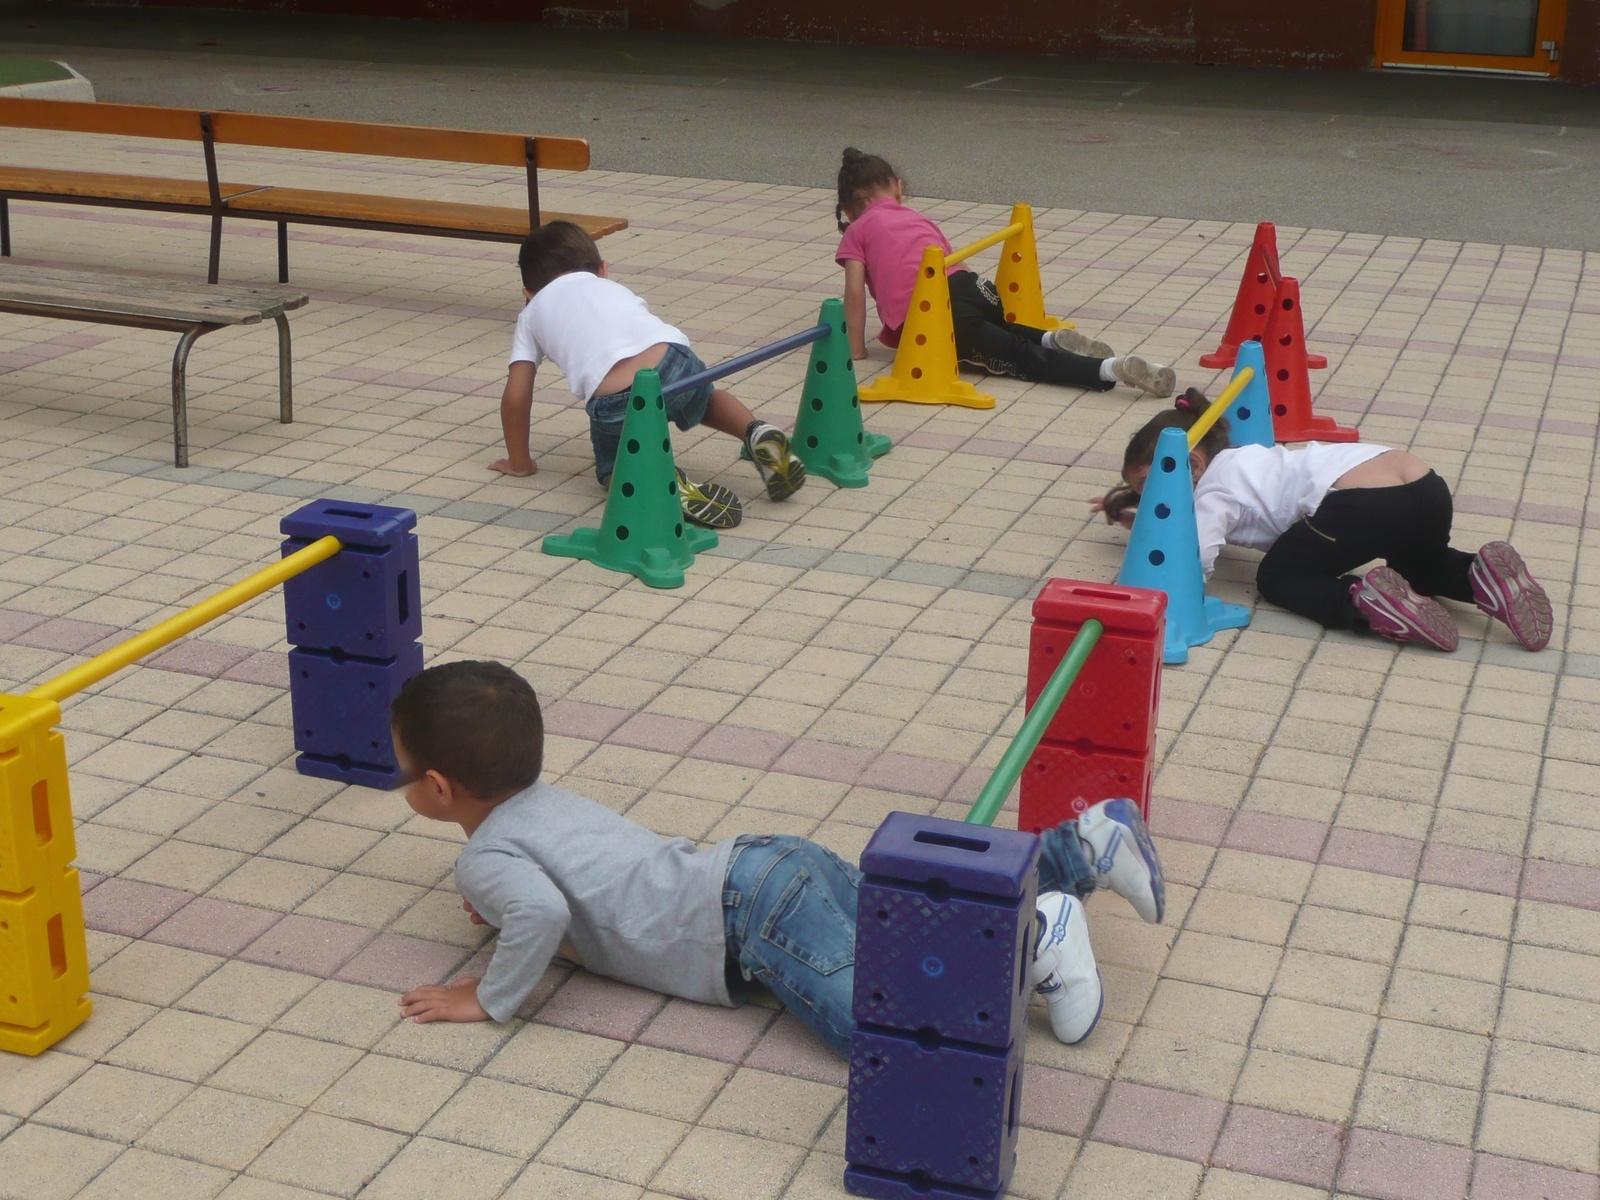 Des Jeux En Petite Section De Maternelle - Jouer Pour La Paix pour Jeux Pour Petite Section